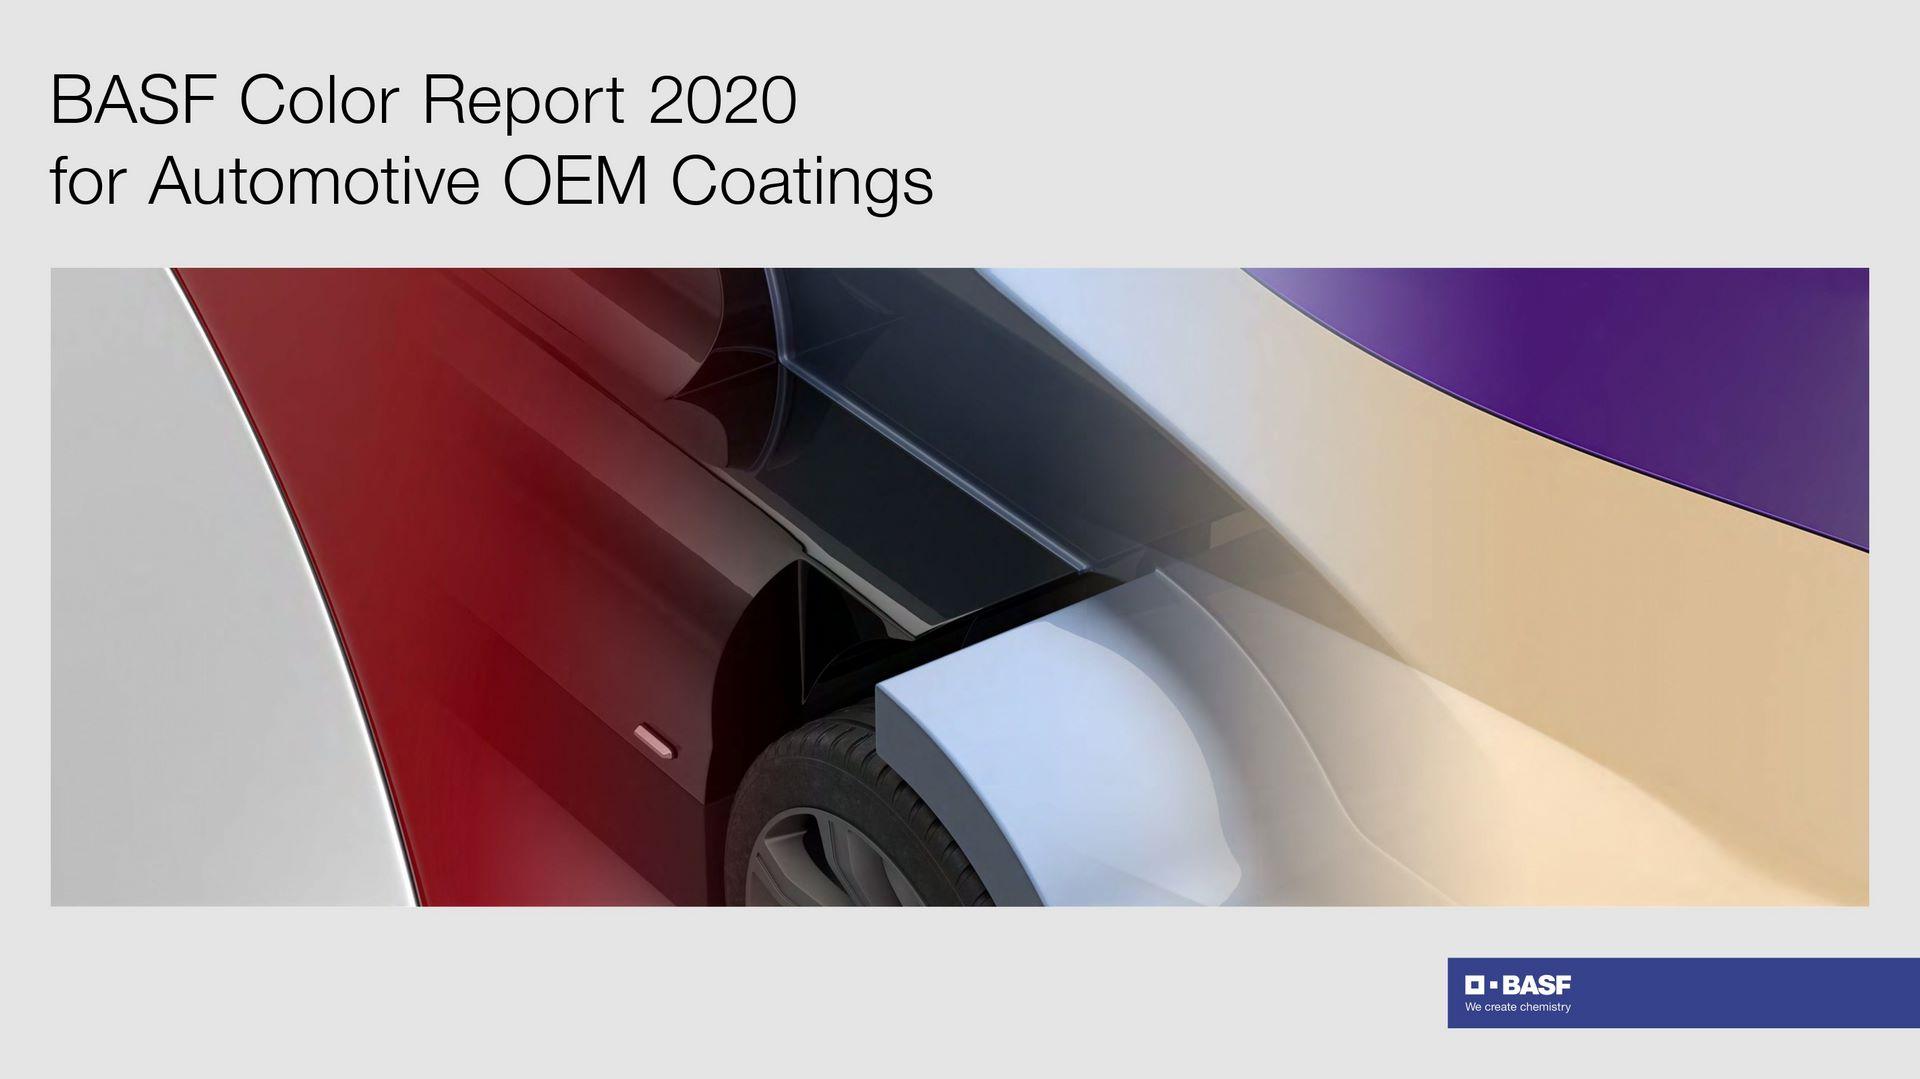 BASF-Automotive-Color-Trends-2020-1